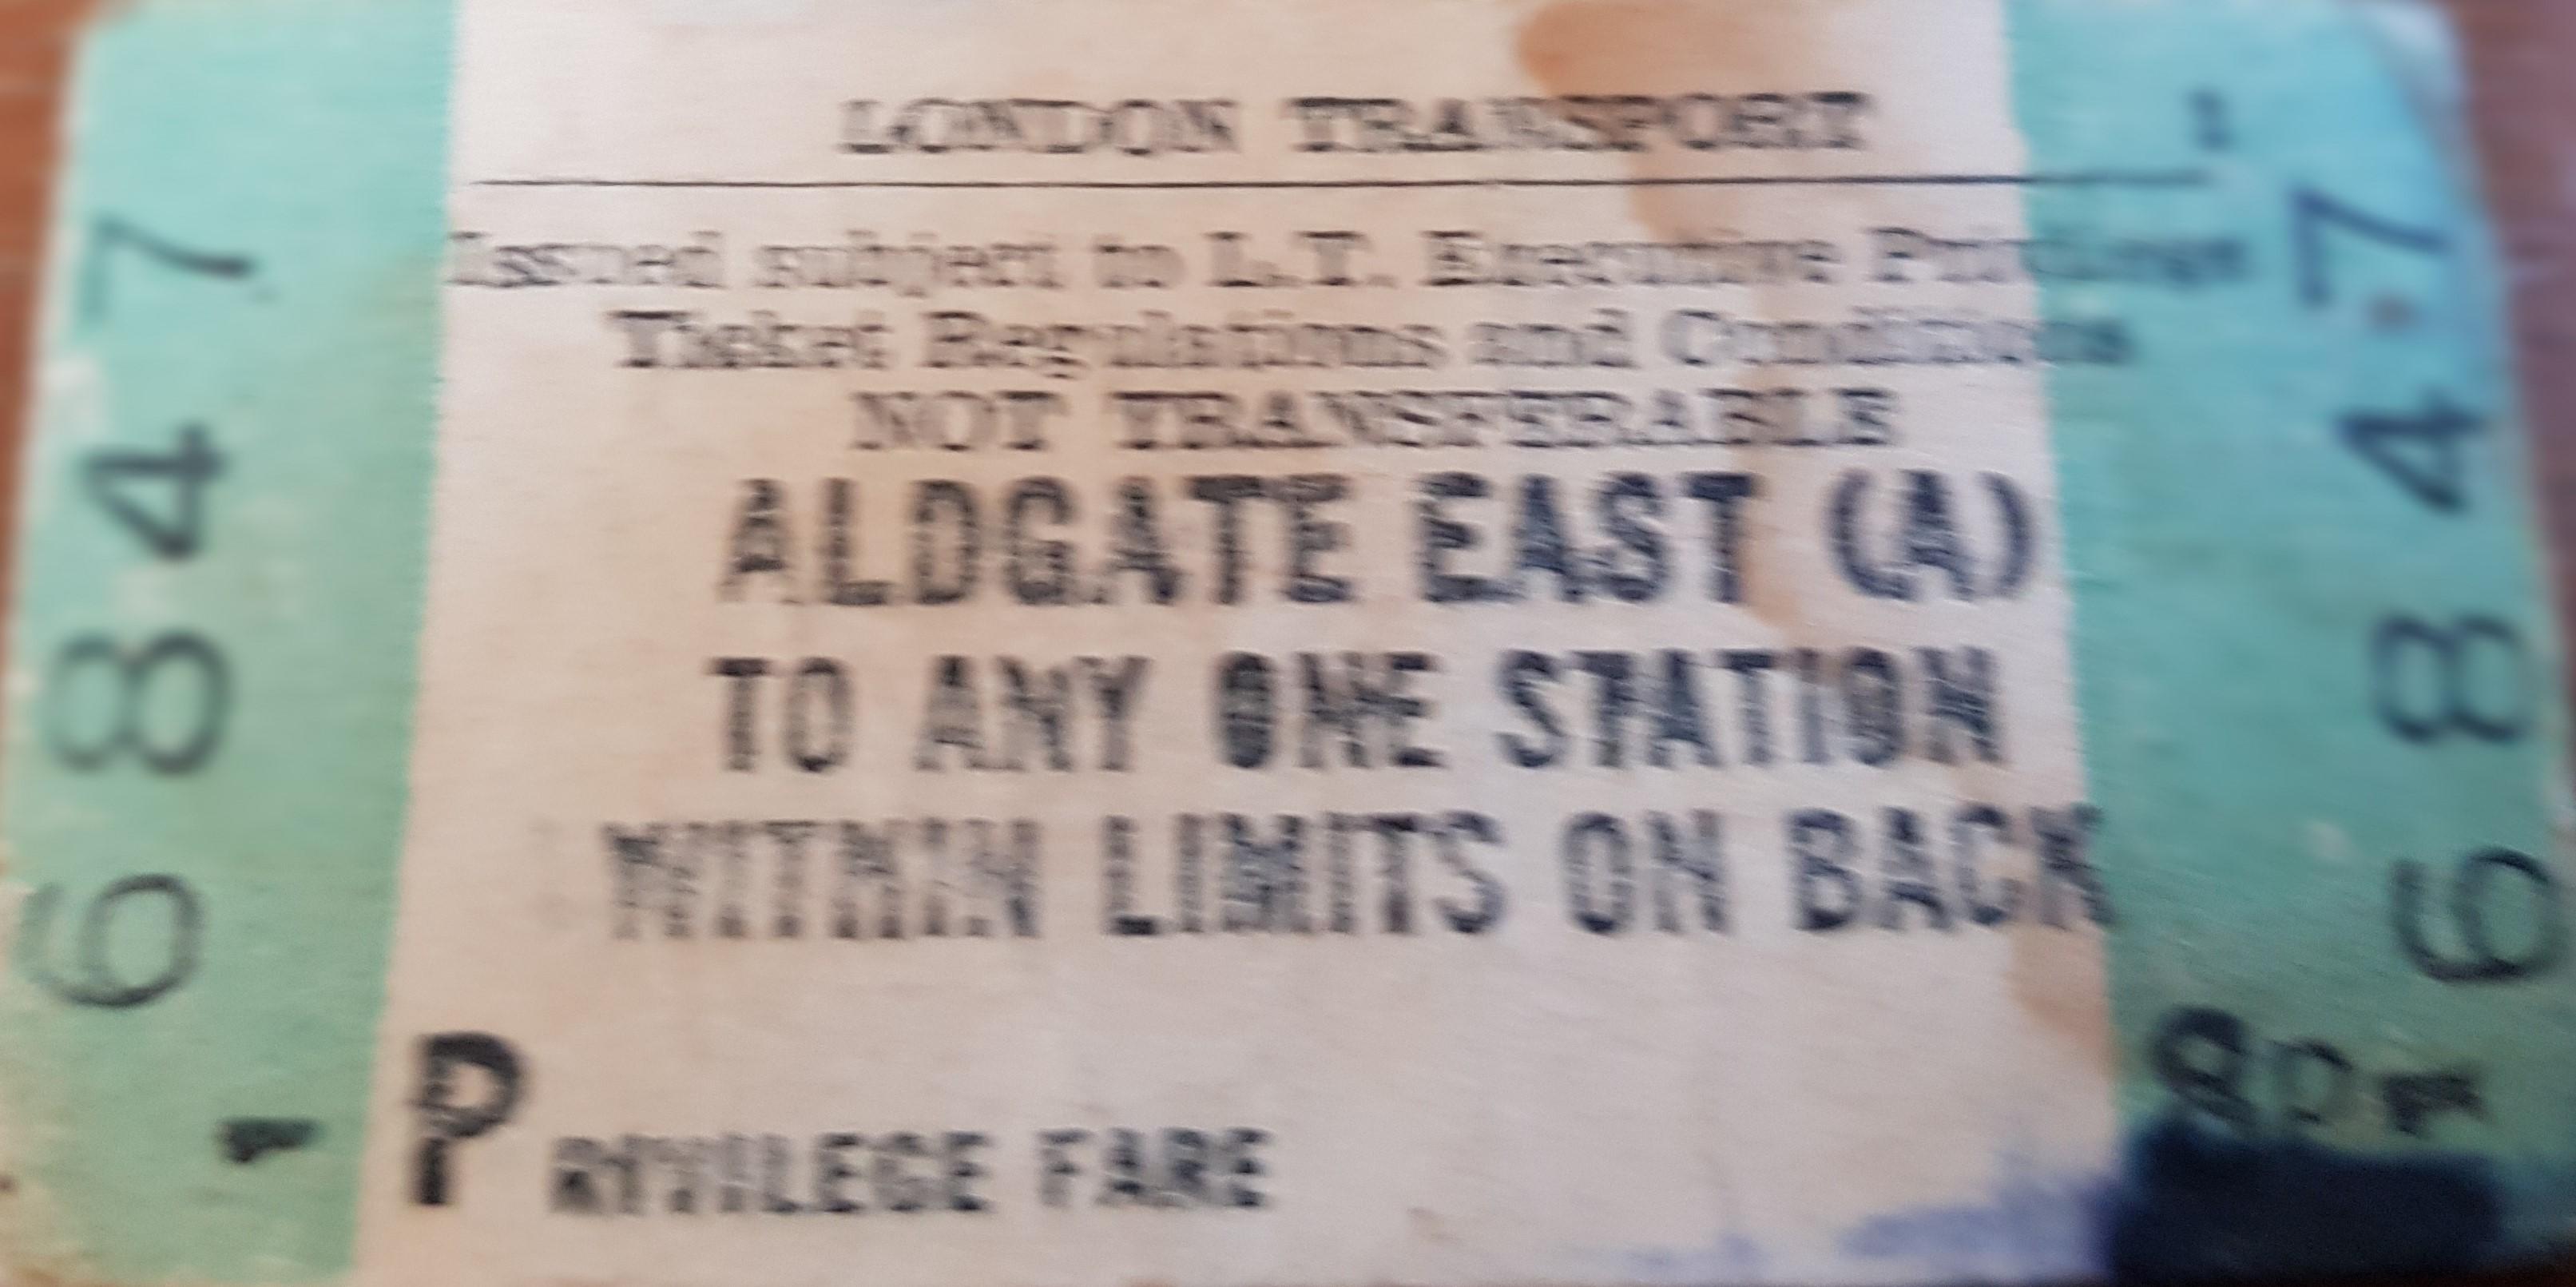 aldgate (2)